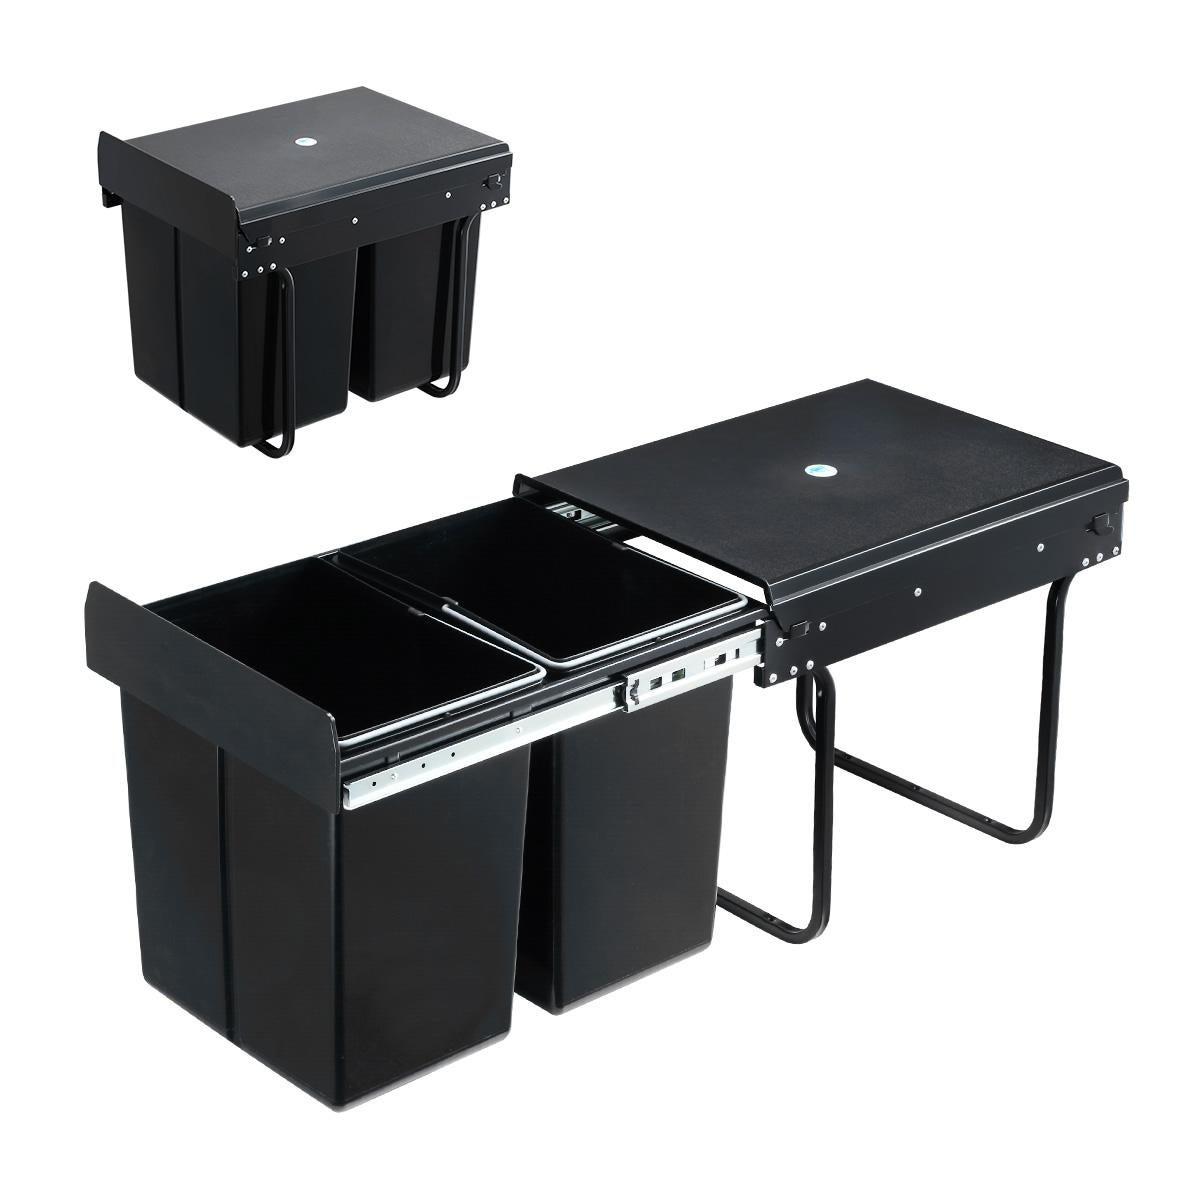 2x 20l pull out trash bin kitchen garbage waste basket under sink rubbish w soft close slides